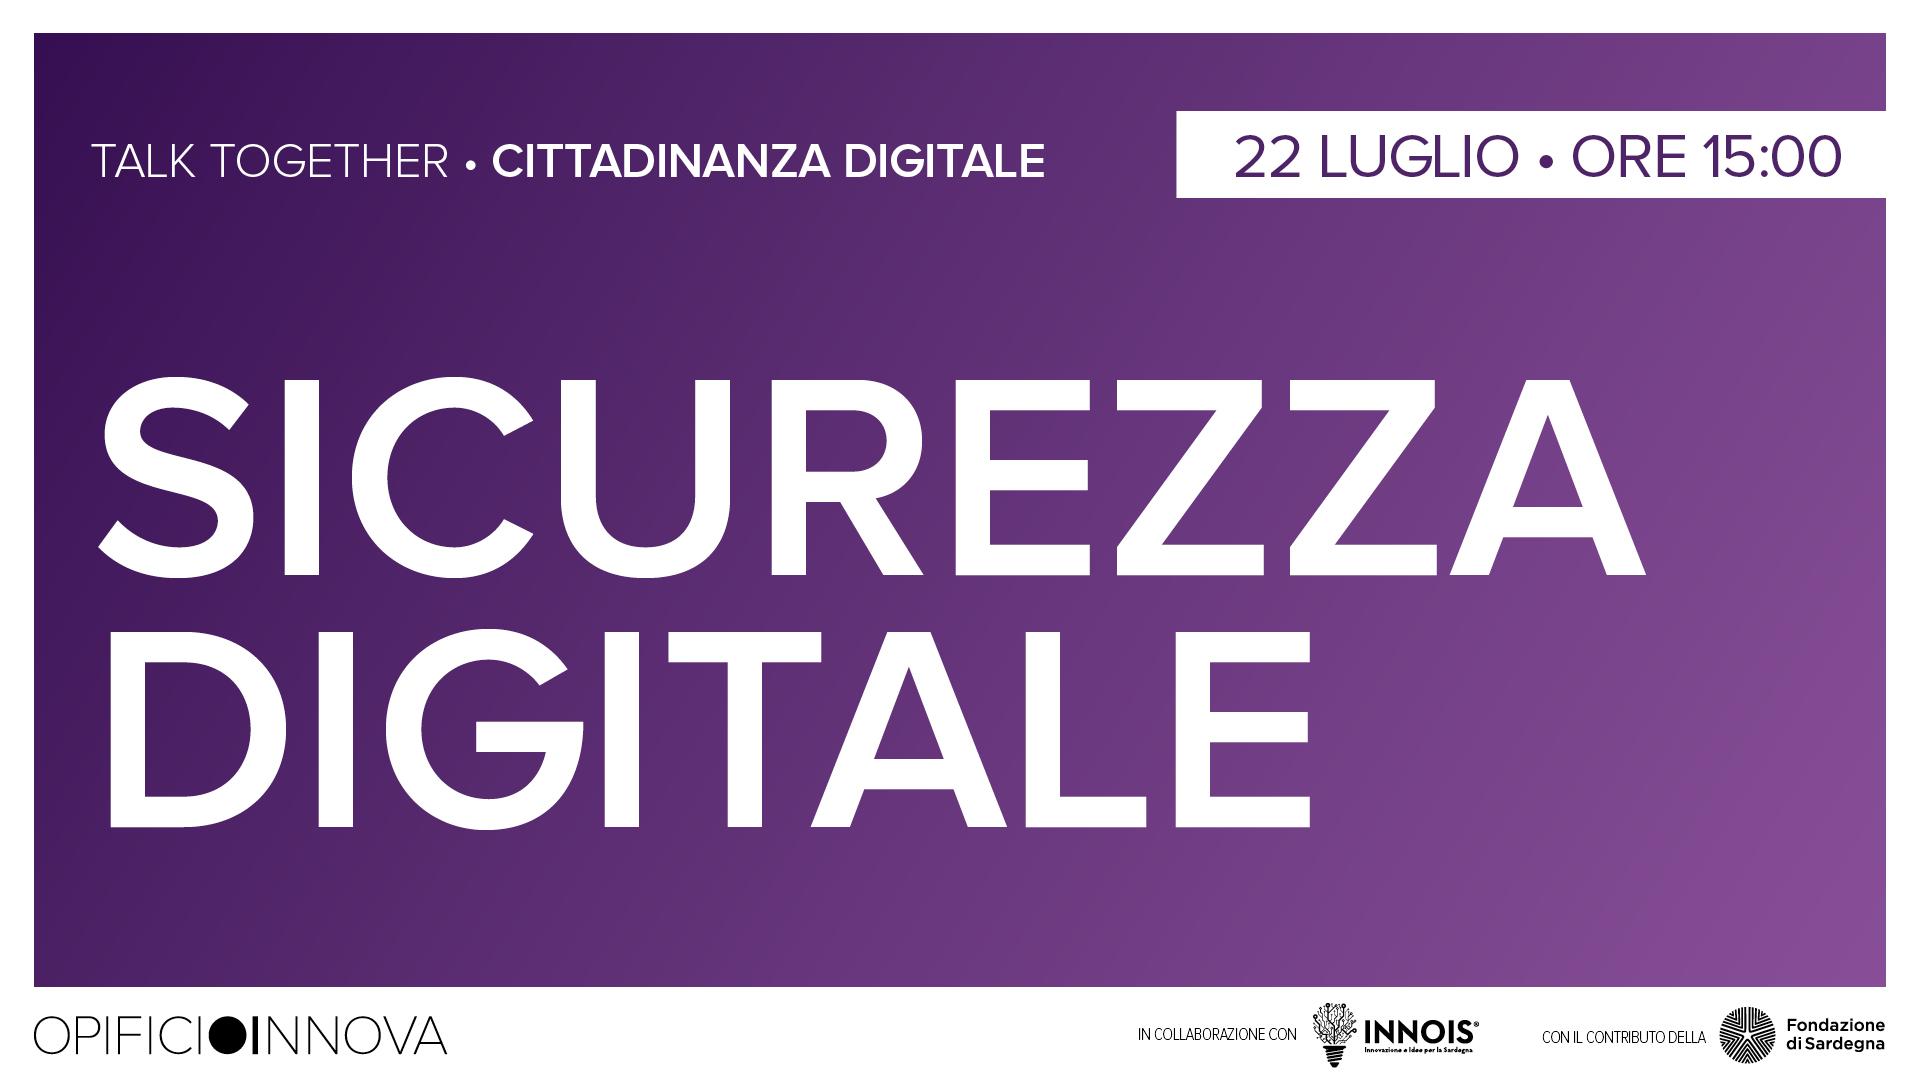 La Sicurezza Digitale </br>22-07-2021 ore 15:00